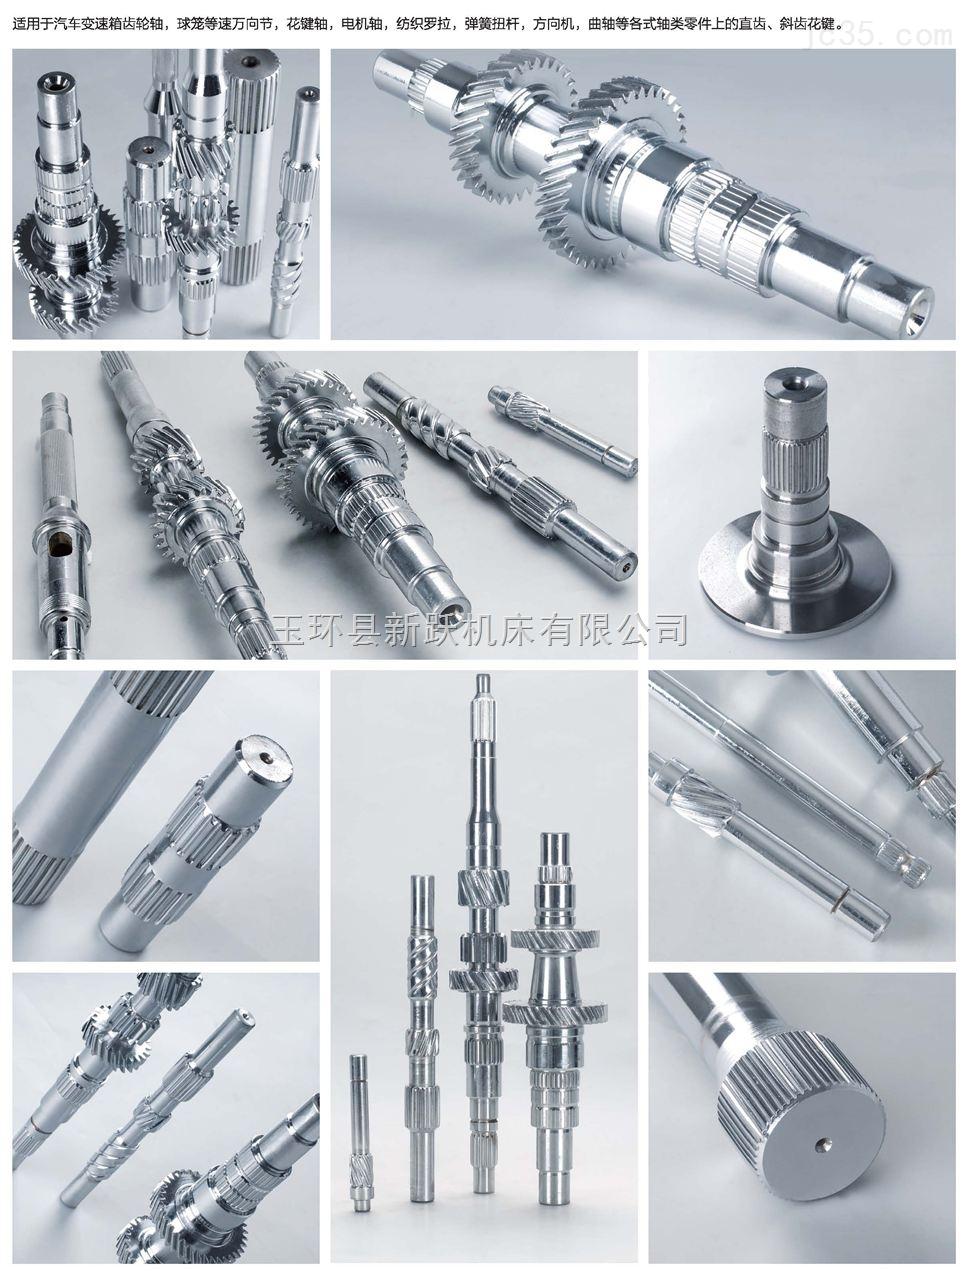 搓齿机/立式搓齿机加工案例